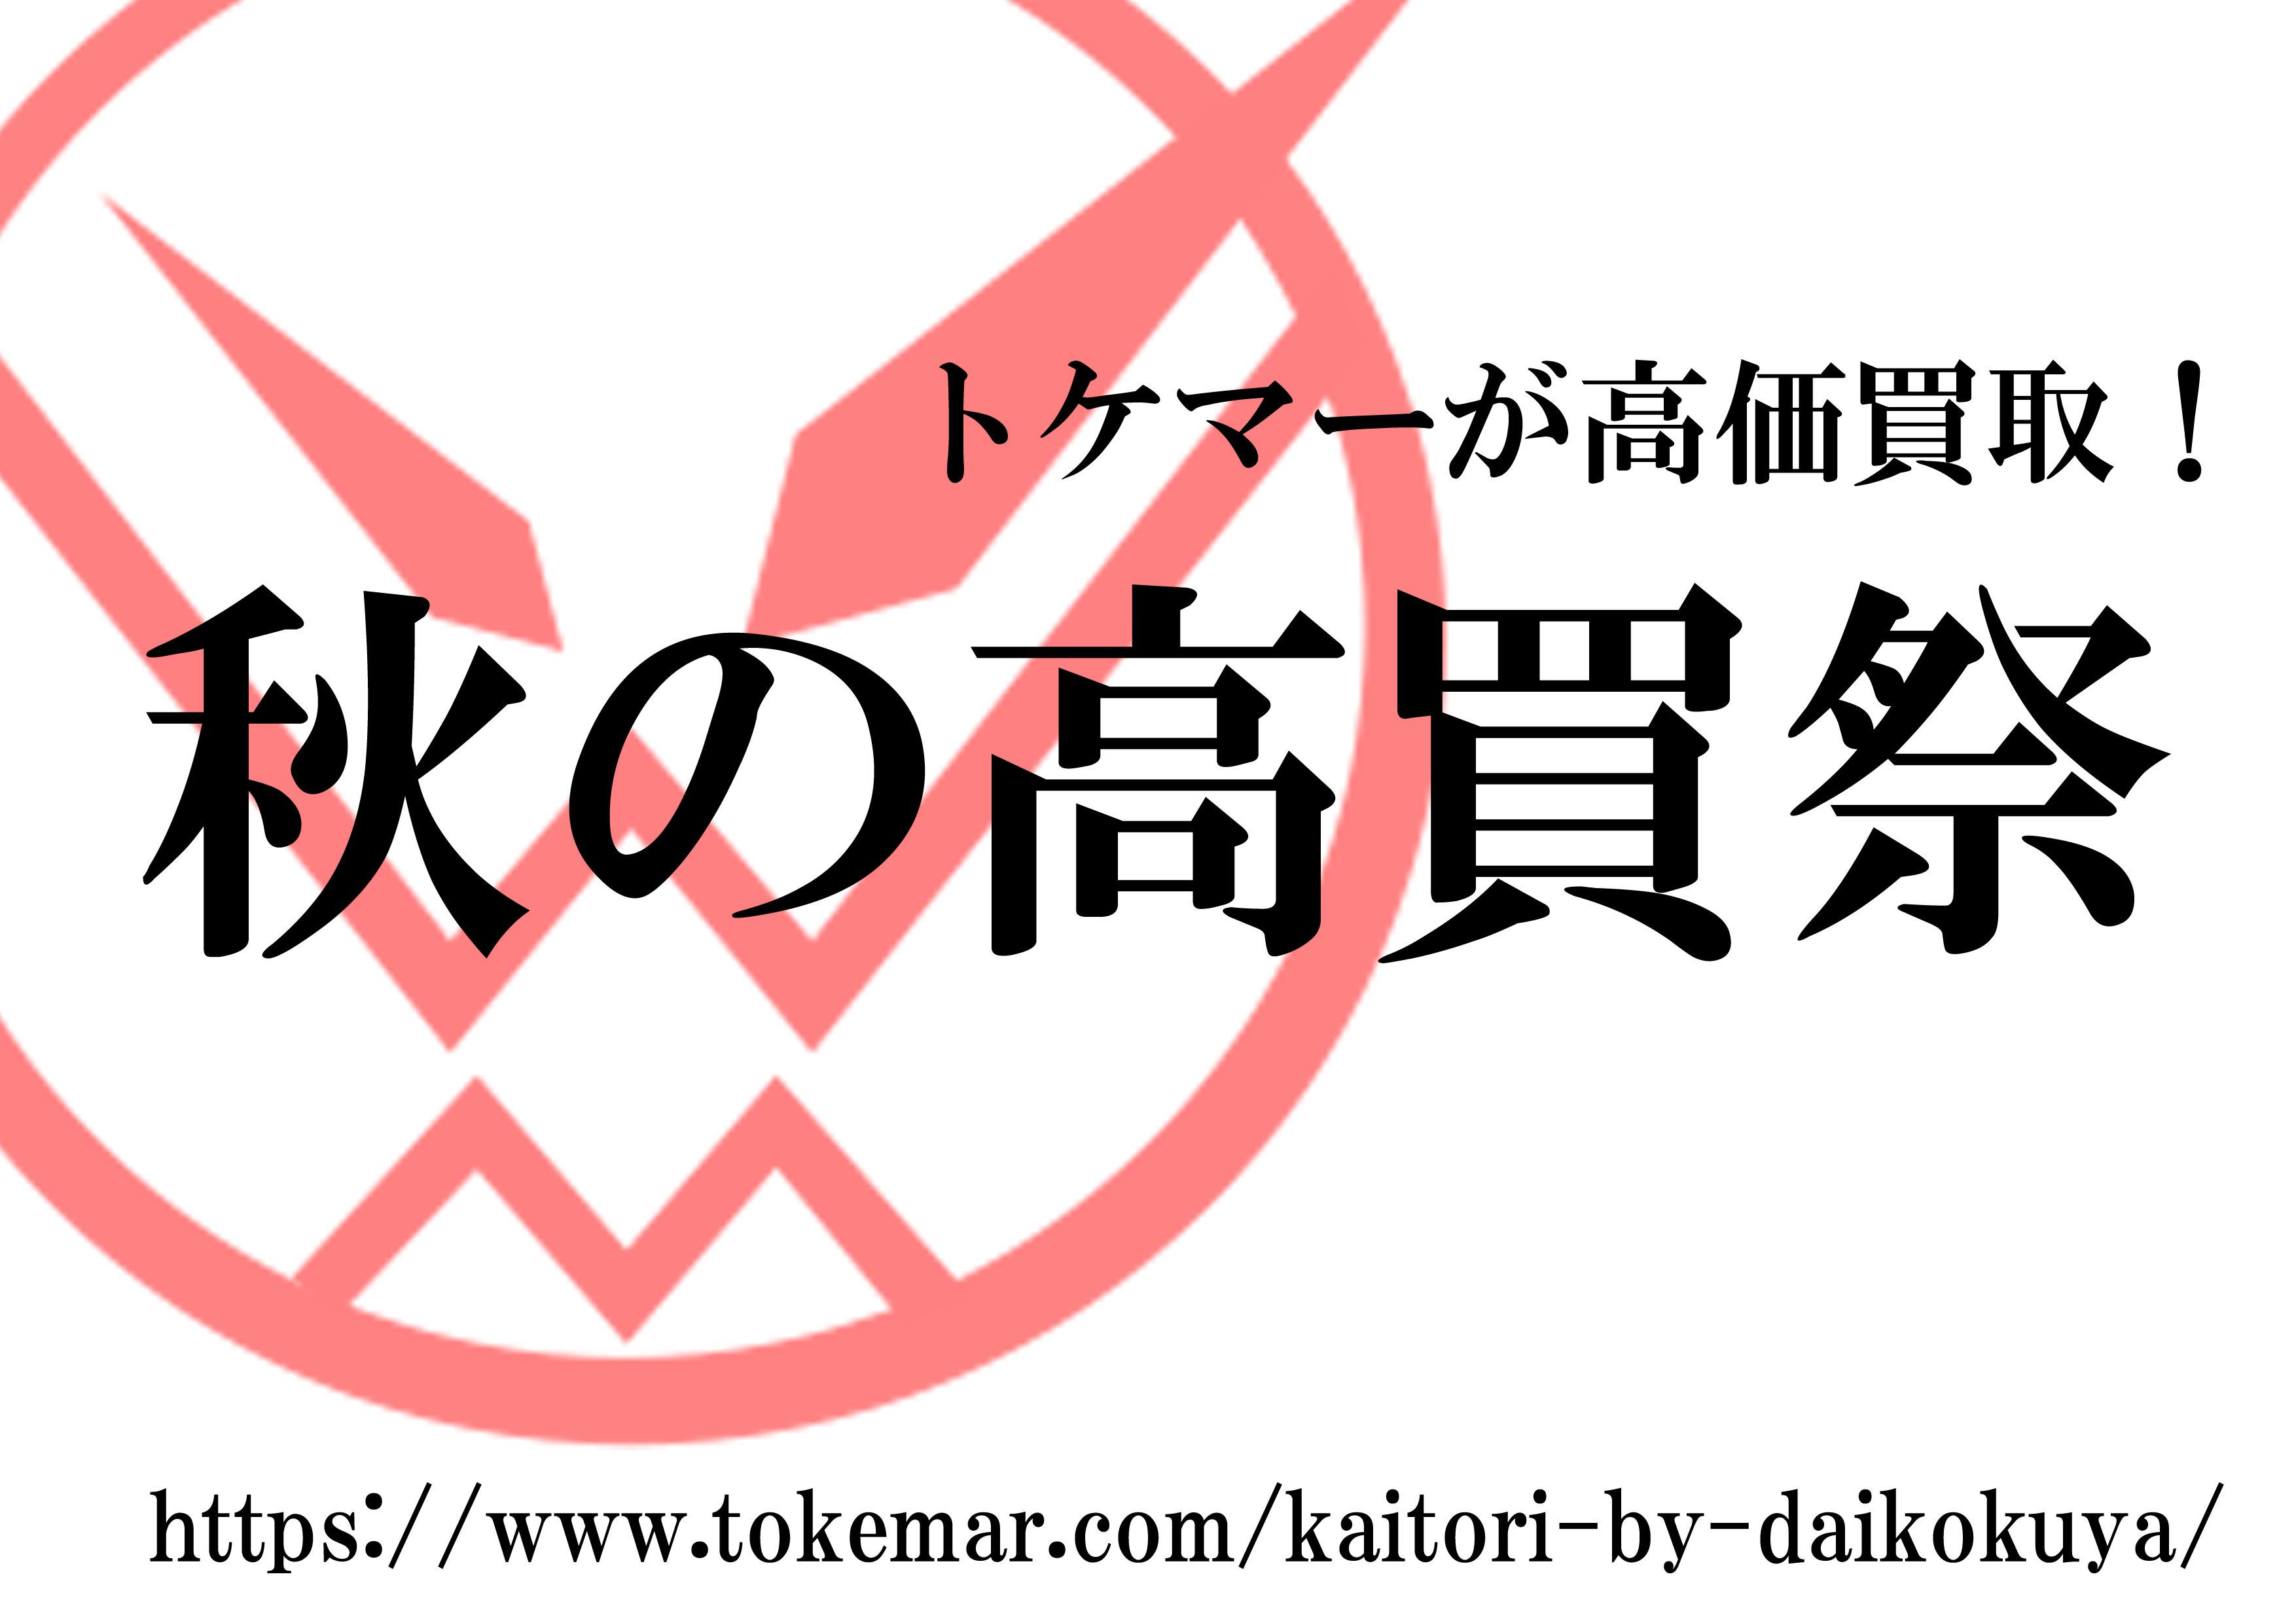 kaitori2020.jpg?1603421229937